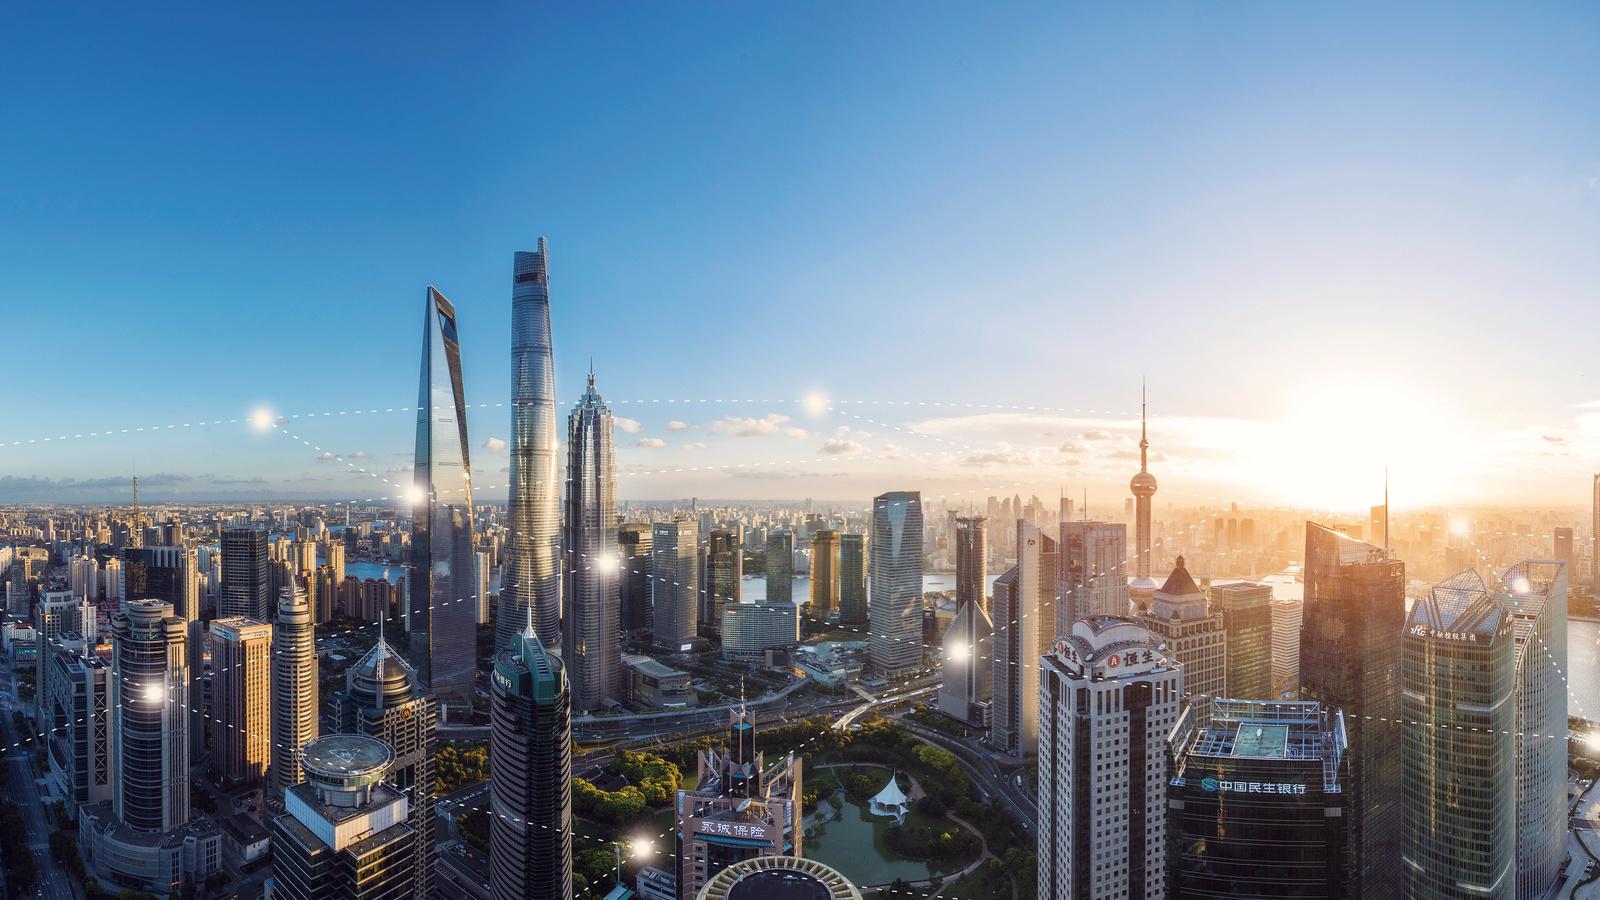 Perspectiva geral de Xangai com IoT